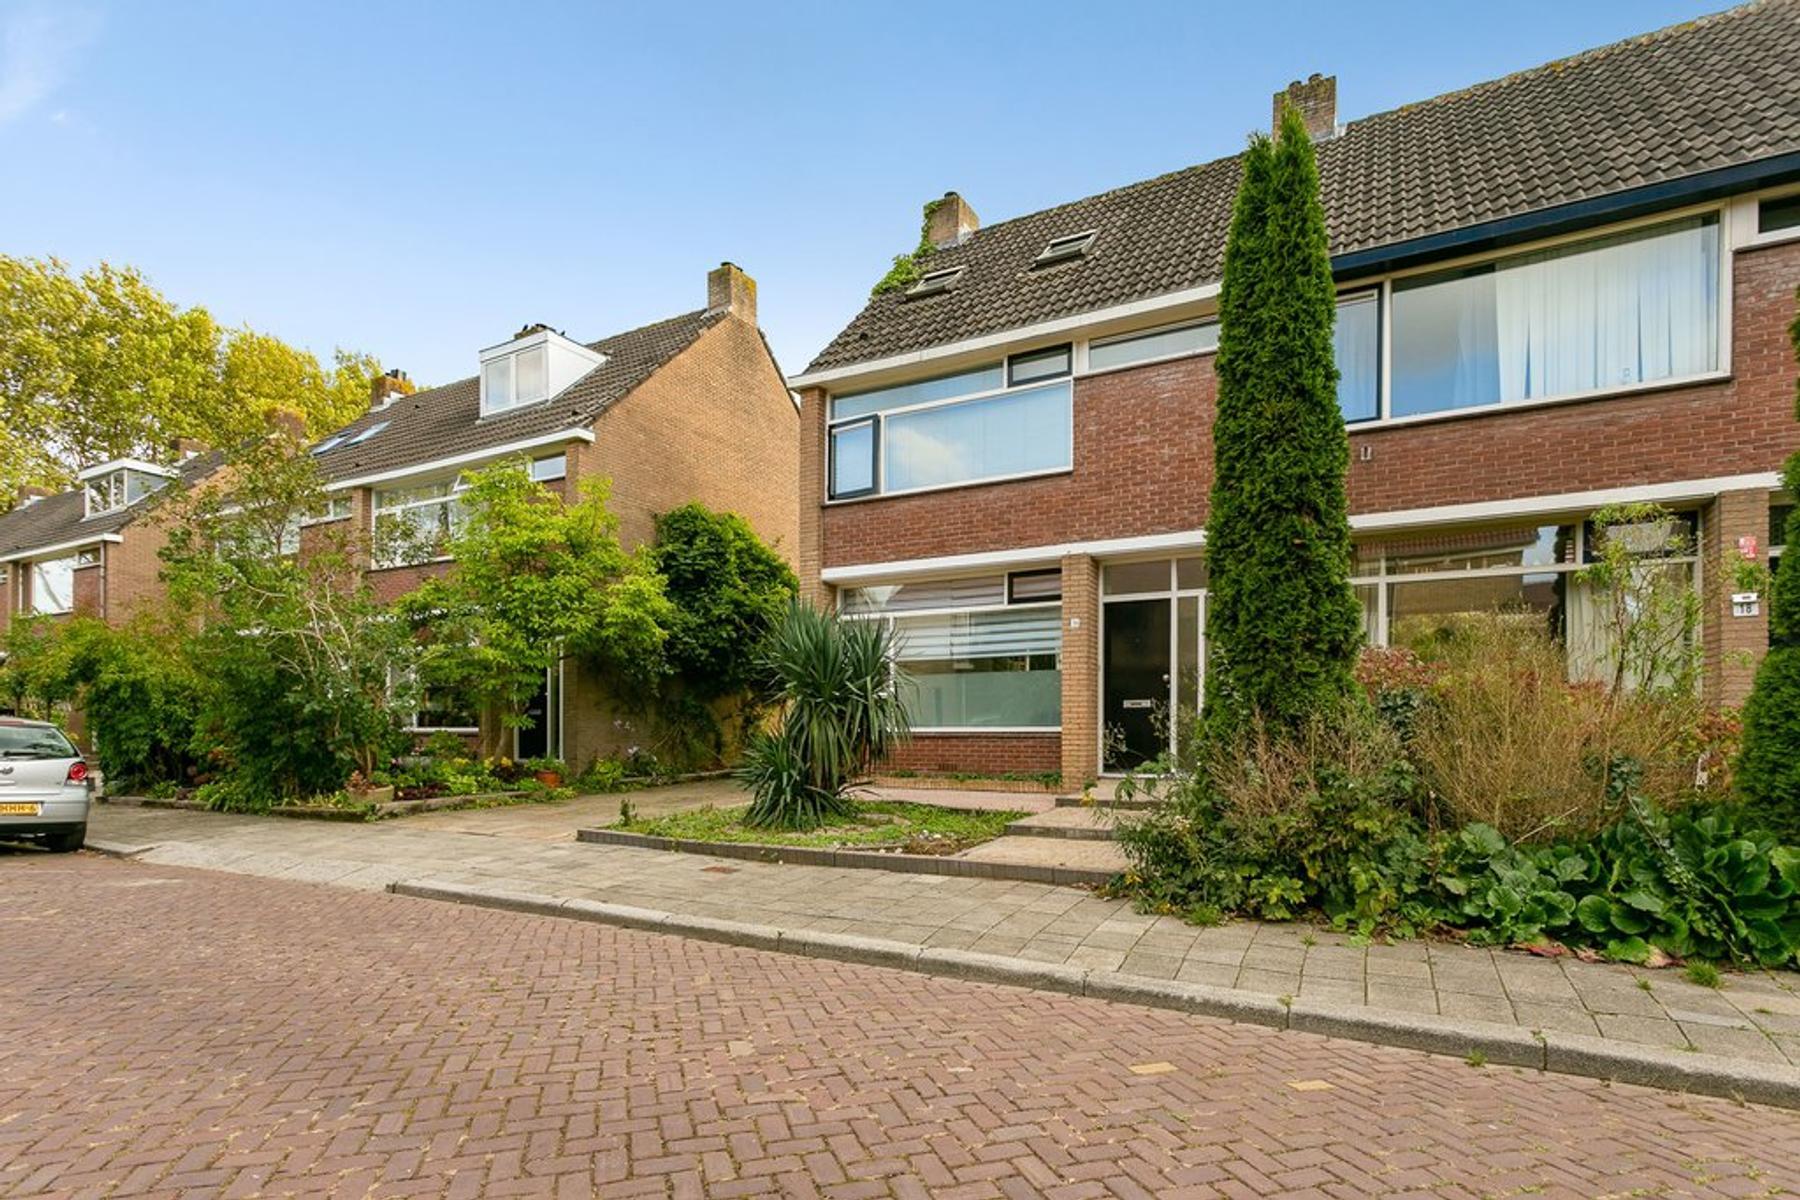 Plutolaan 16 in Dordrecht 3318 EP